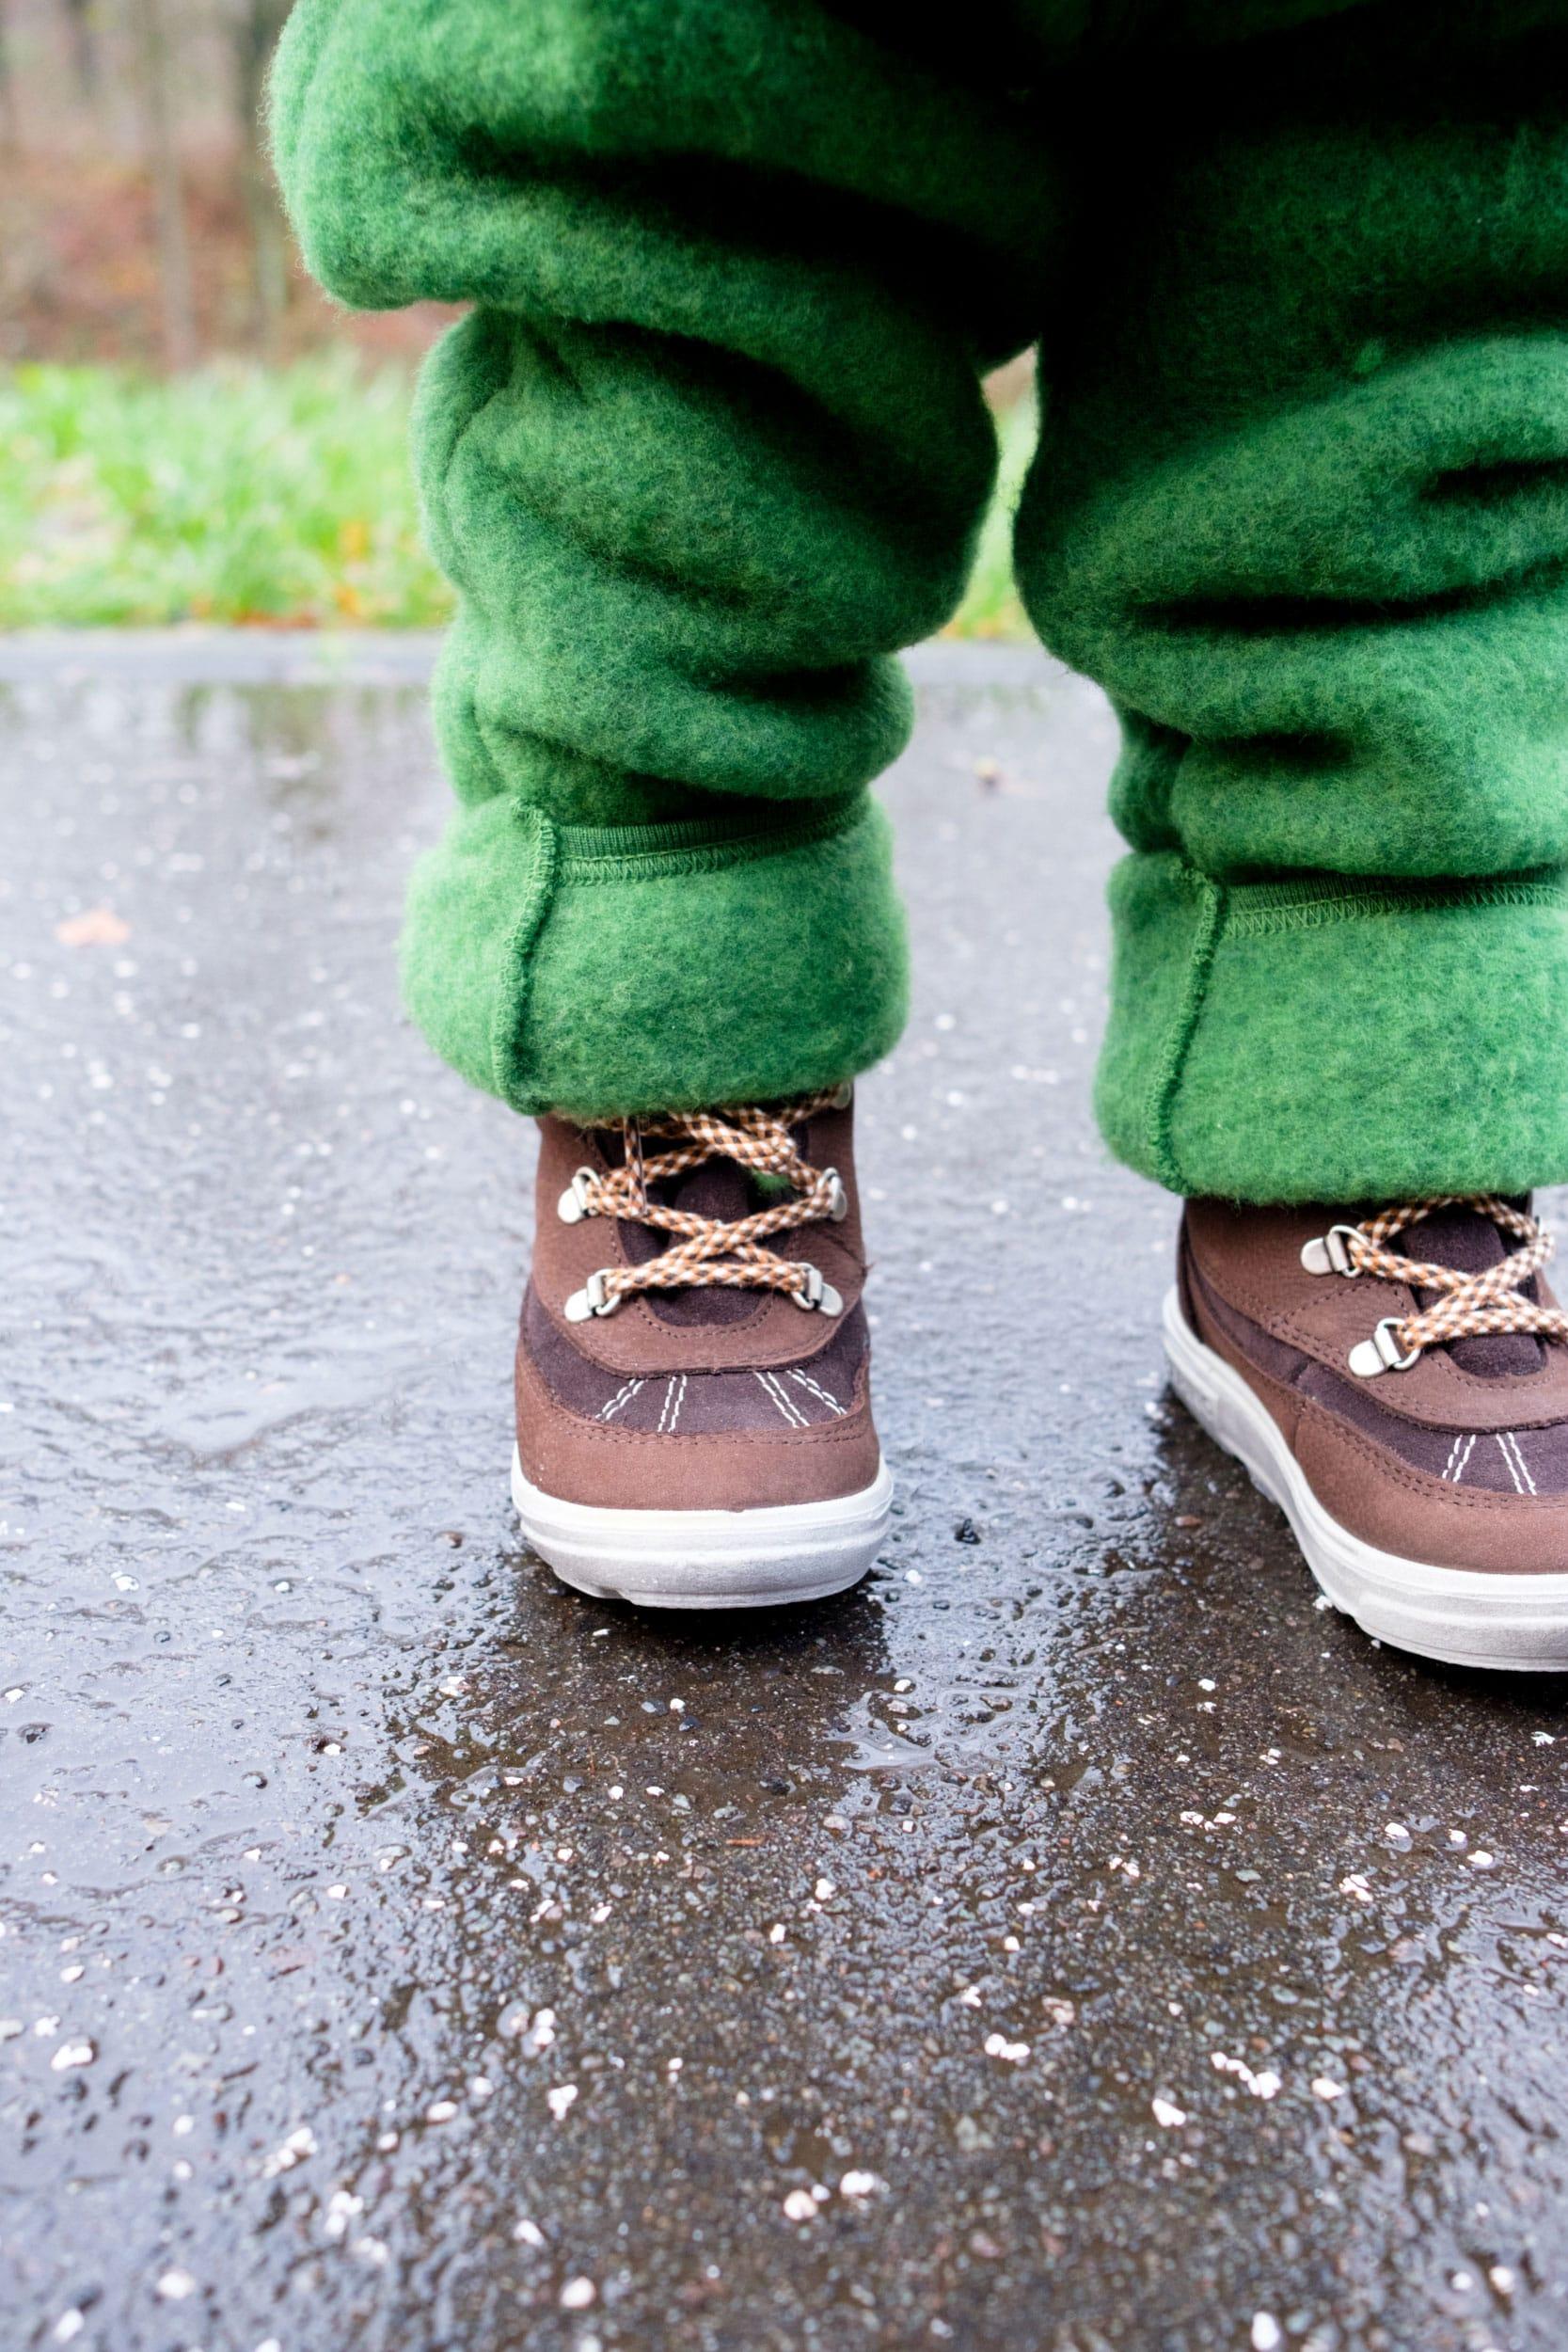 Was ziehe ich meinem Kleinkind im Winter an? | Kleine Kinder im Winter richtig anziehen | Winter Essentials | Baby | Kleinkind | Winterkleidung | Wollwalk | Wollfleece | Winterschuhe | Schurwolle | Kinder im Winter tragen | Warme Kleidung | ivy.li